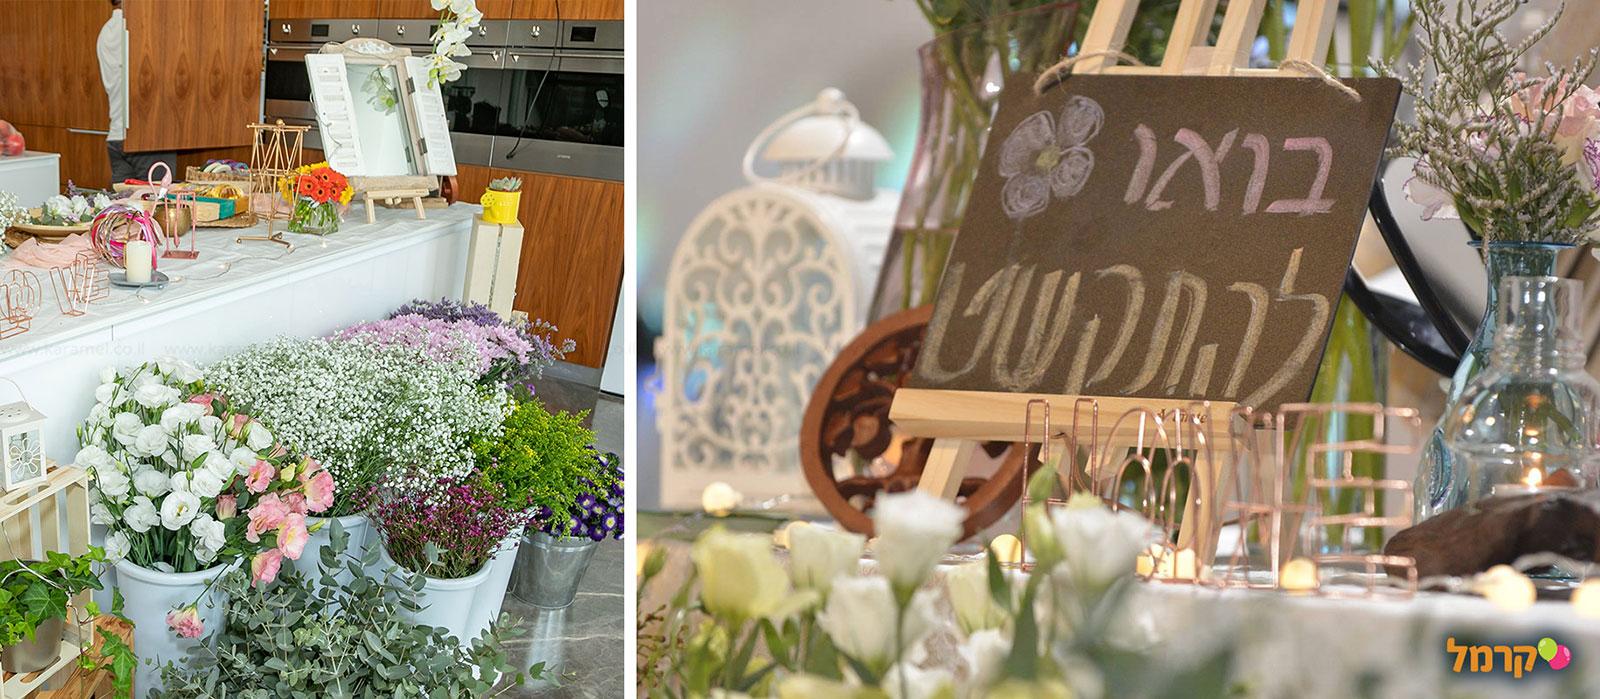 הפרחים של רווה - לארועי מצווה - 073-7590588